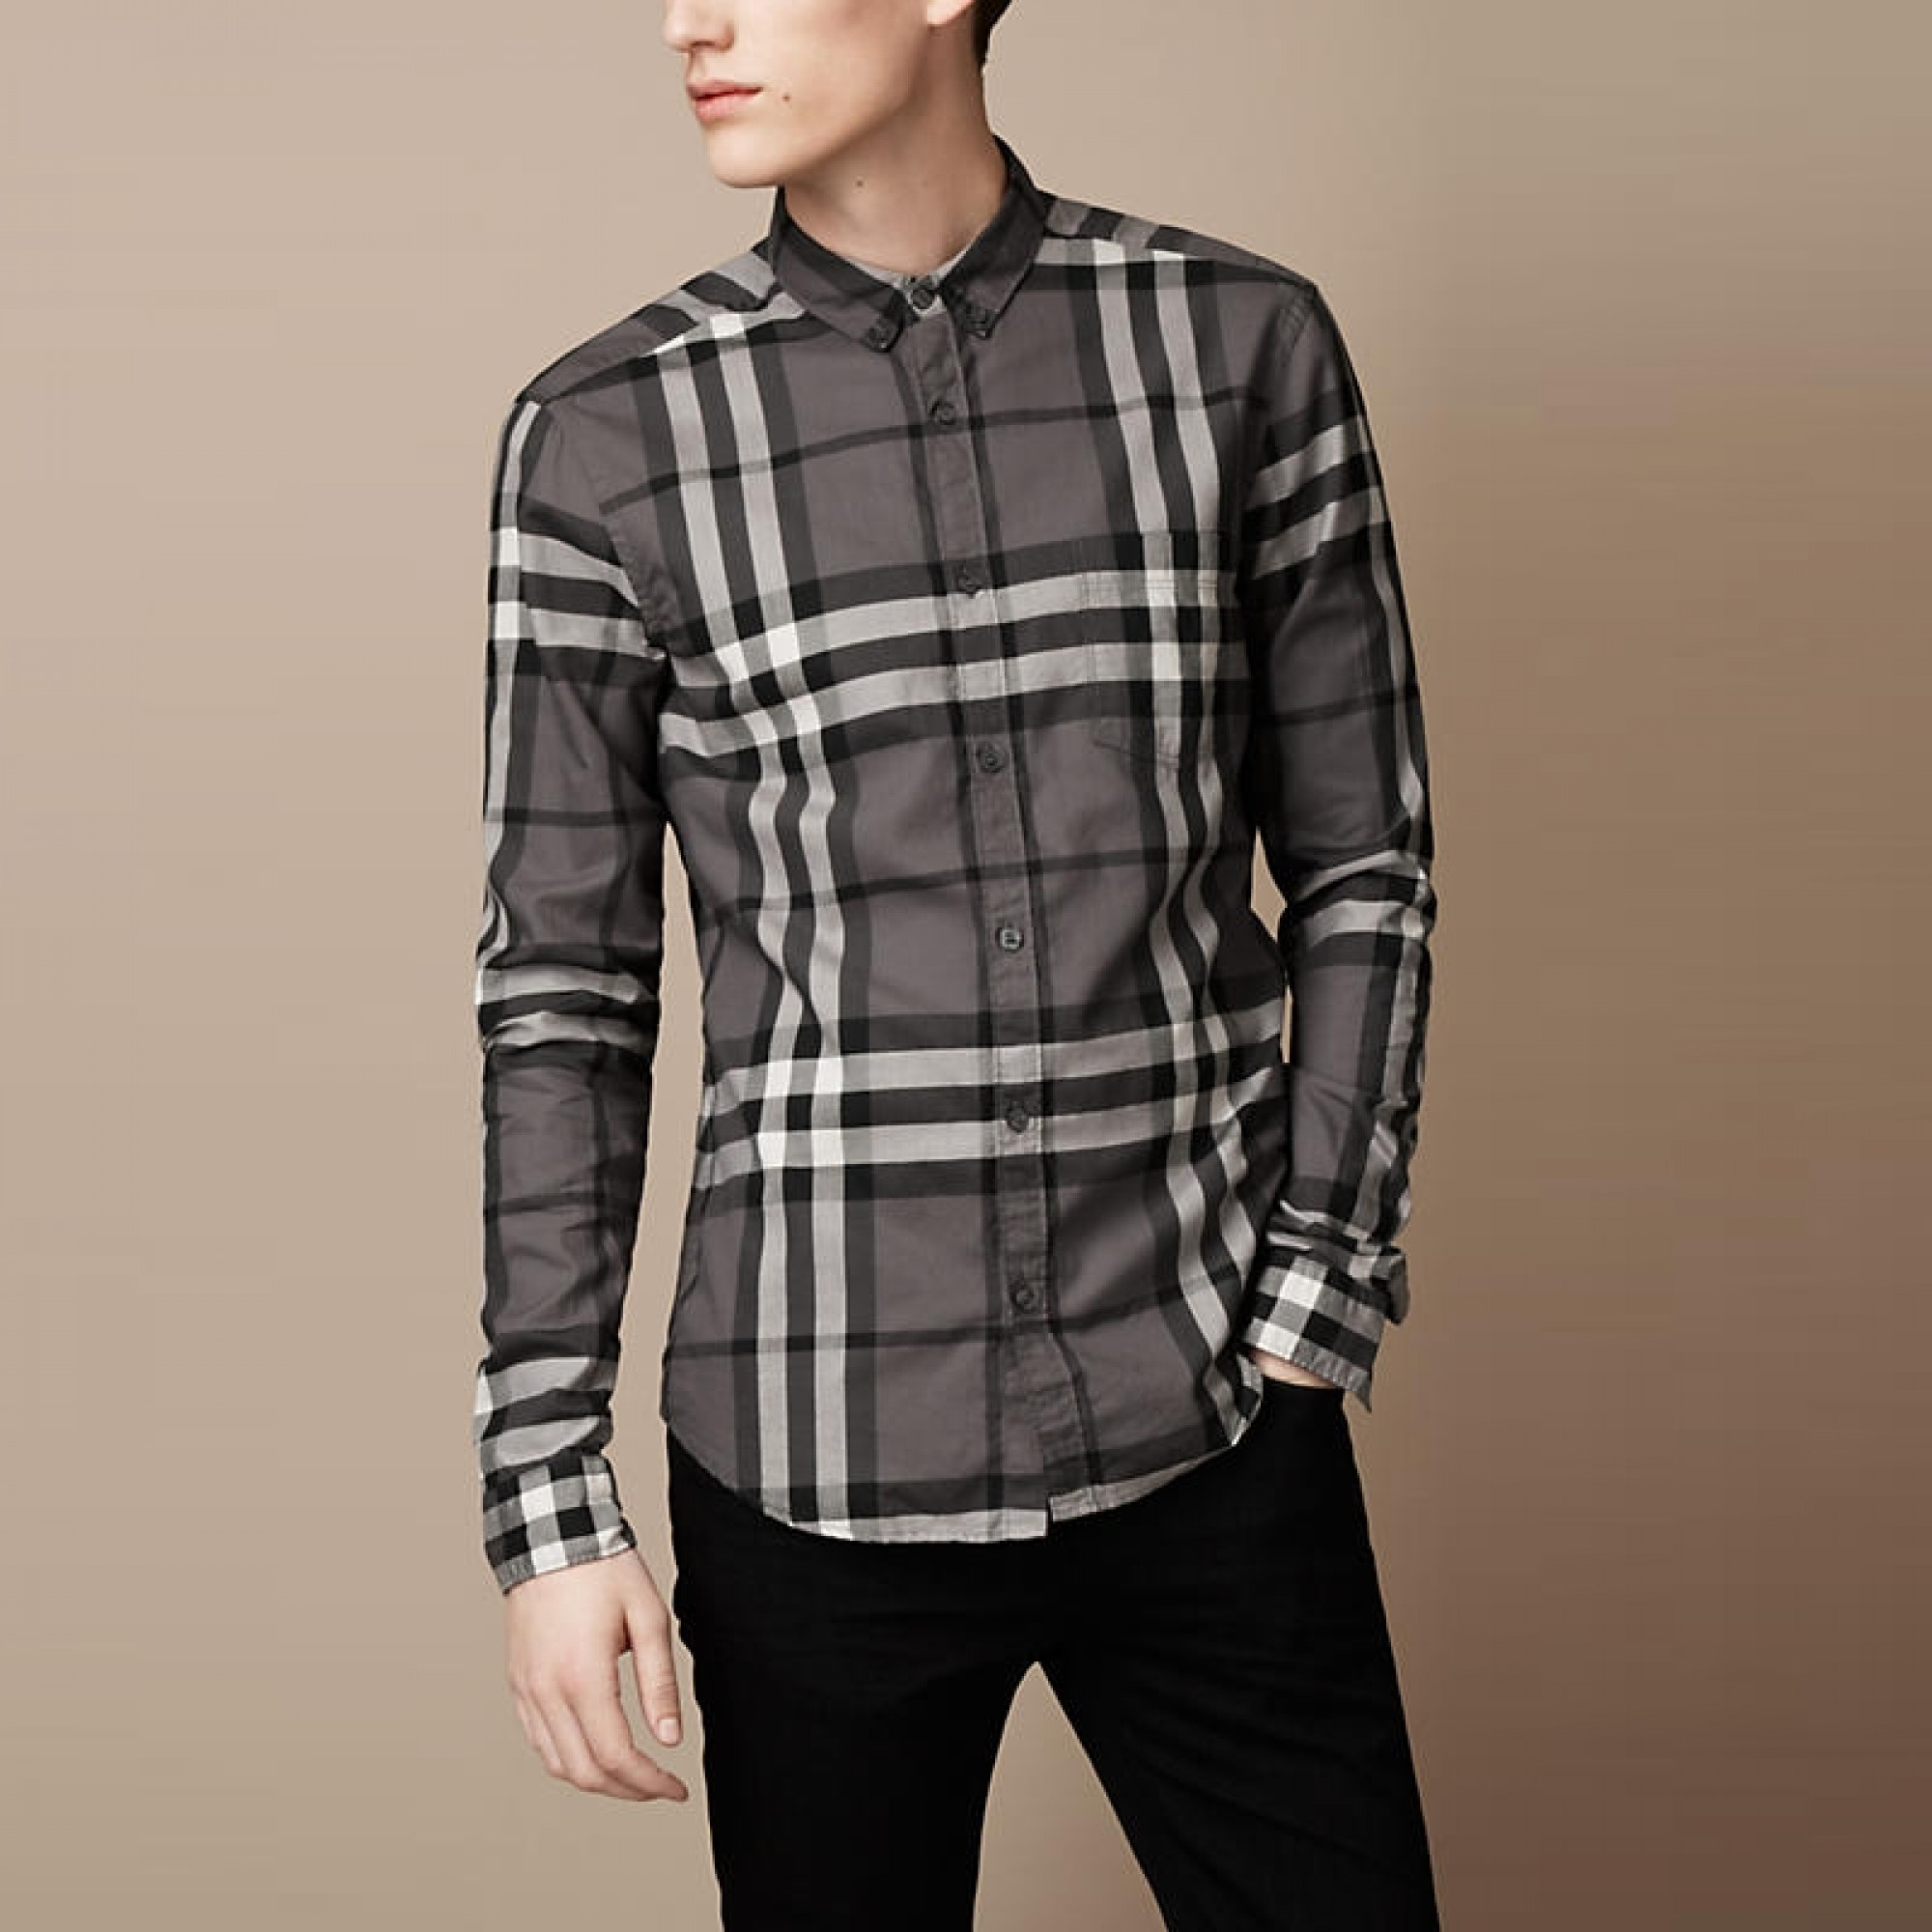 Купить мужская рубашка Burberry в серую клетку — в Киеве, код товара ... a855ca946a9